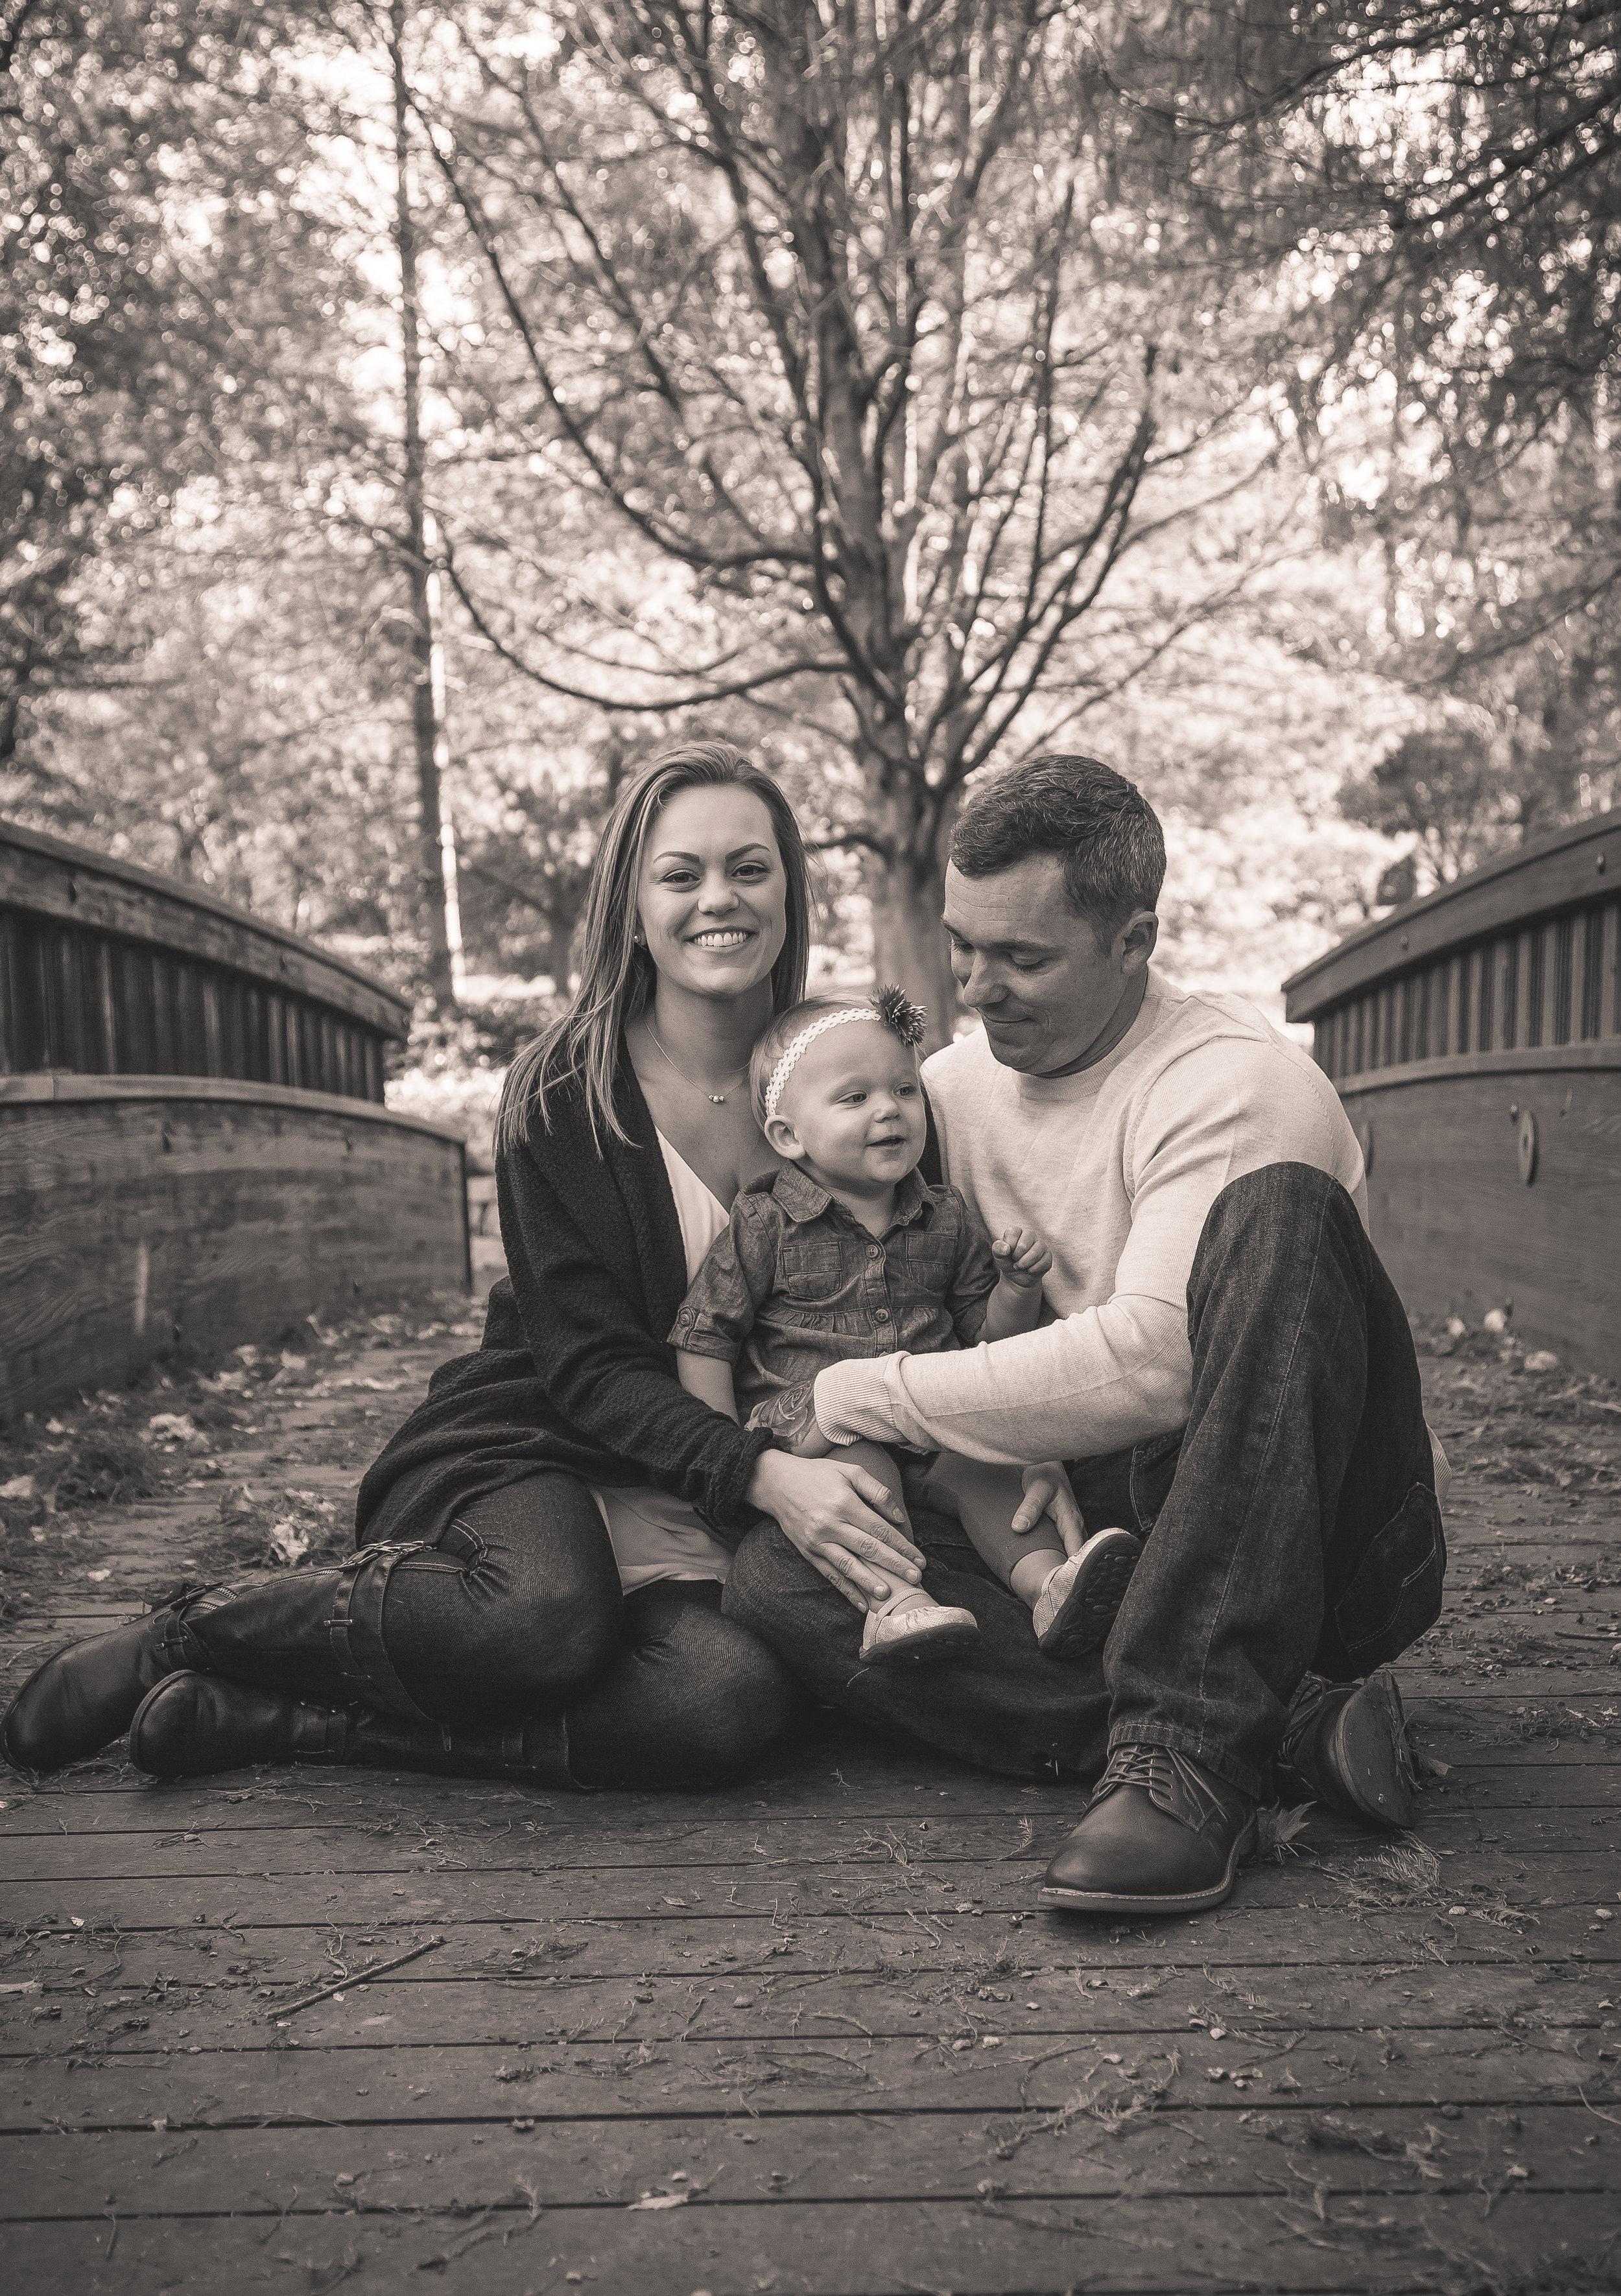 Bennett-Burrell Family Photos 2018 (26 of 39).jpg